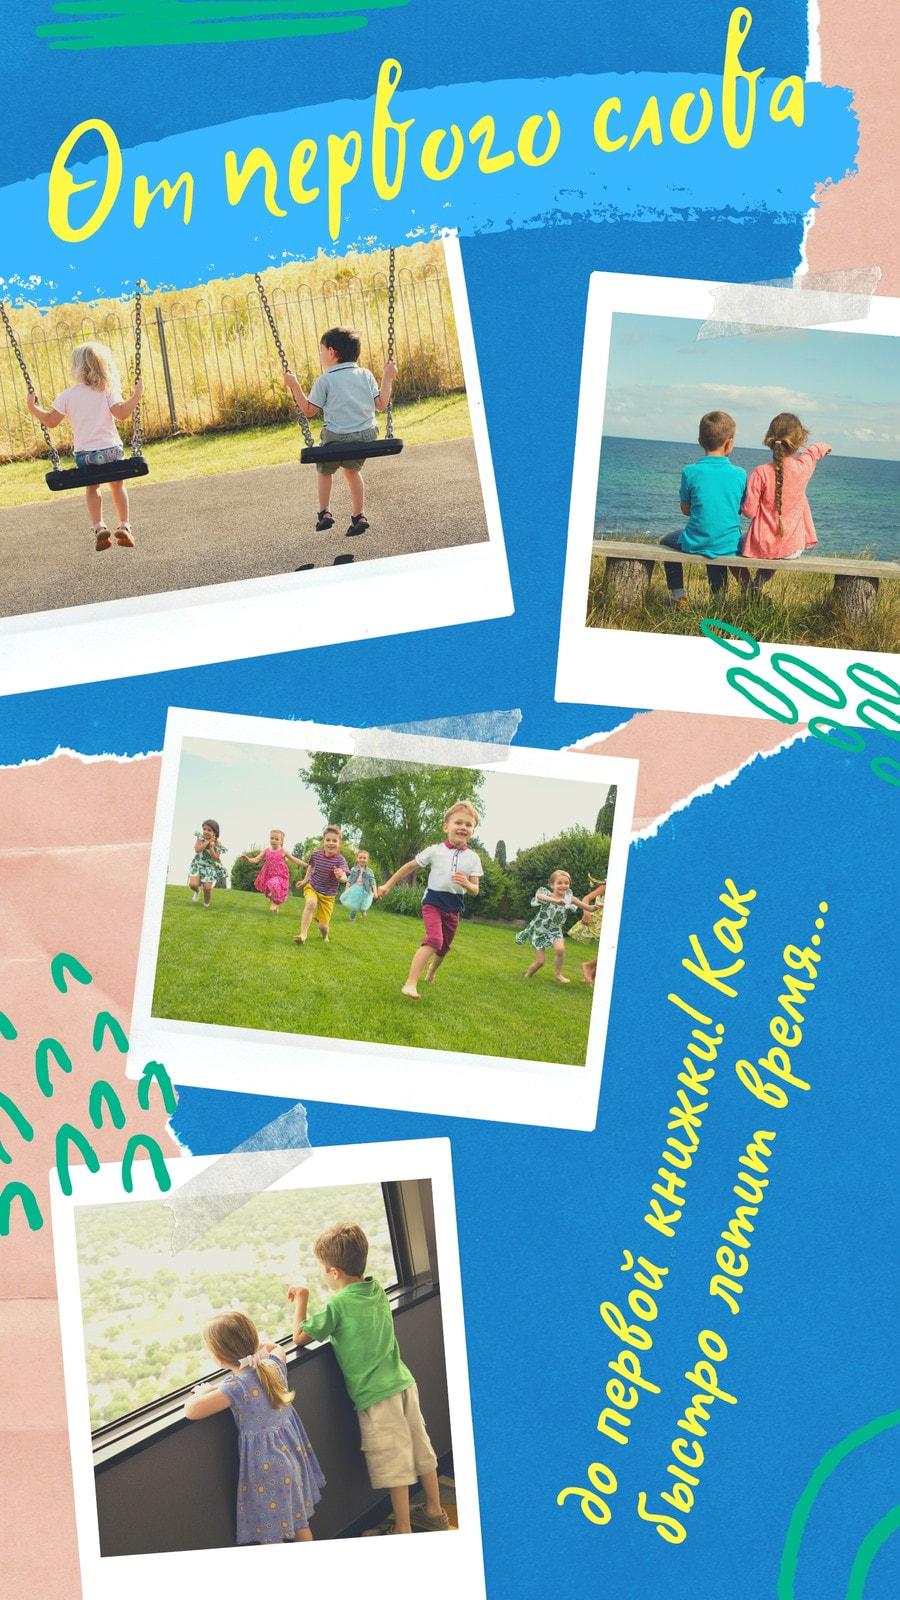 Голубая Ваша история в Инстаграм с фотографиями детей